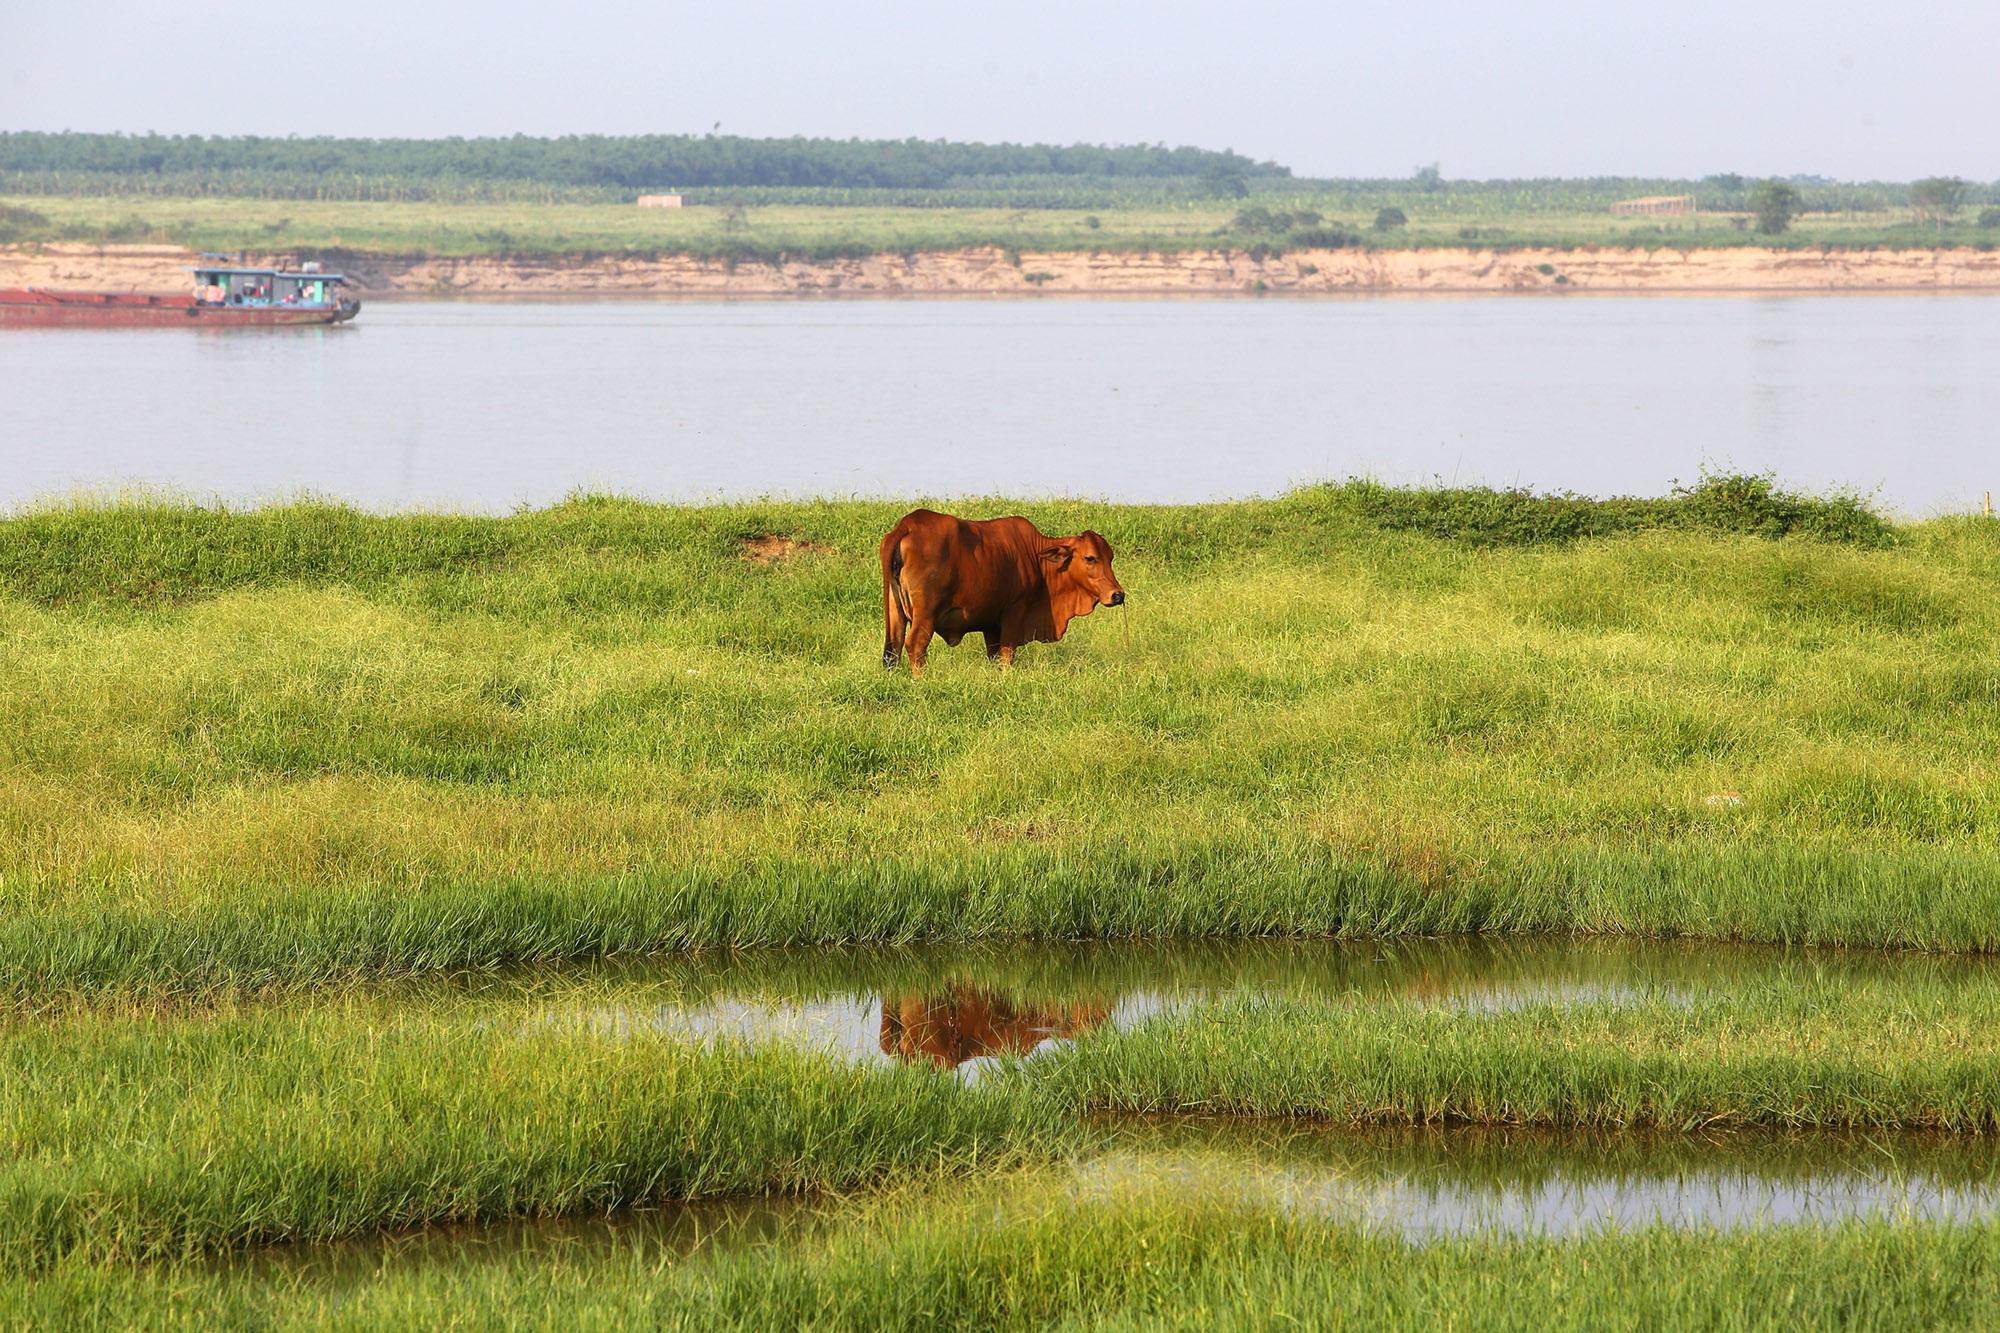 Phong cảnh bình yên nhìn từ những triền đê ở Hà Nội - 13